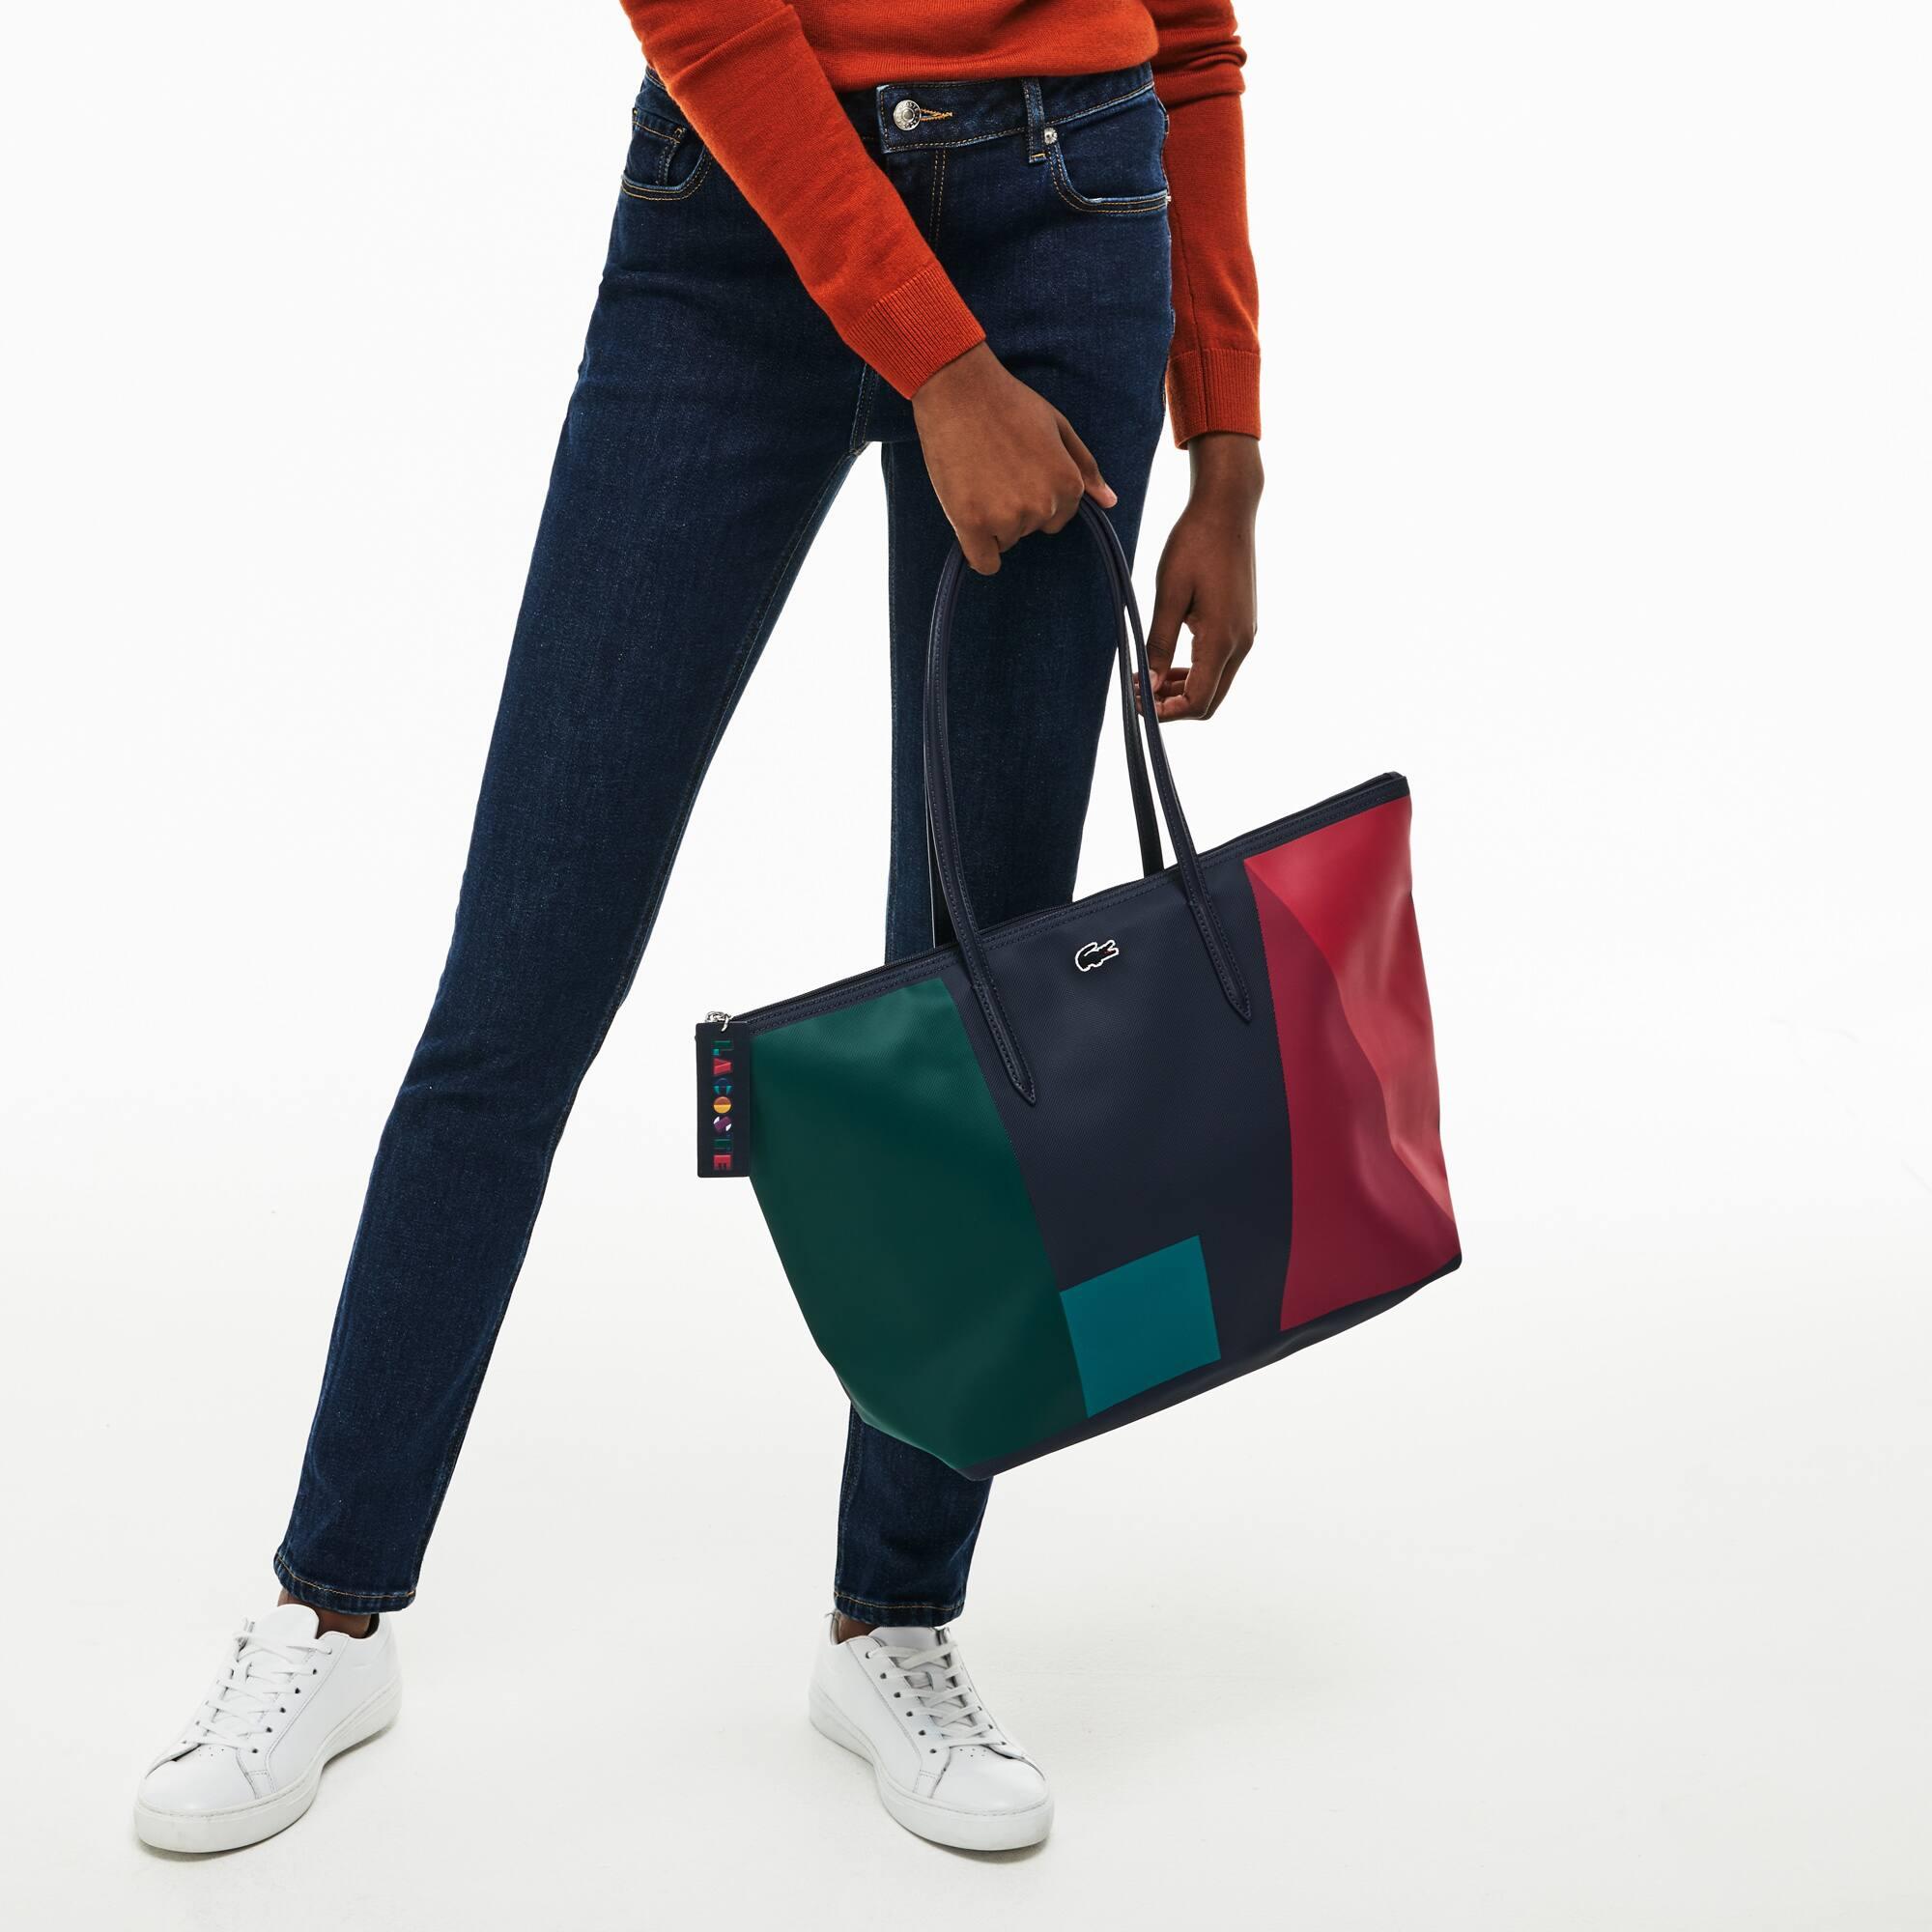 Bolso Tote De Mujer L.12.12 Concept En Petit Piqué Color Block Con Cremallera